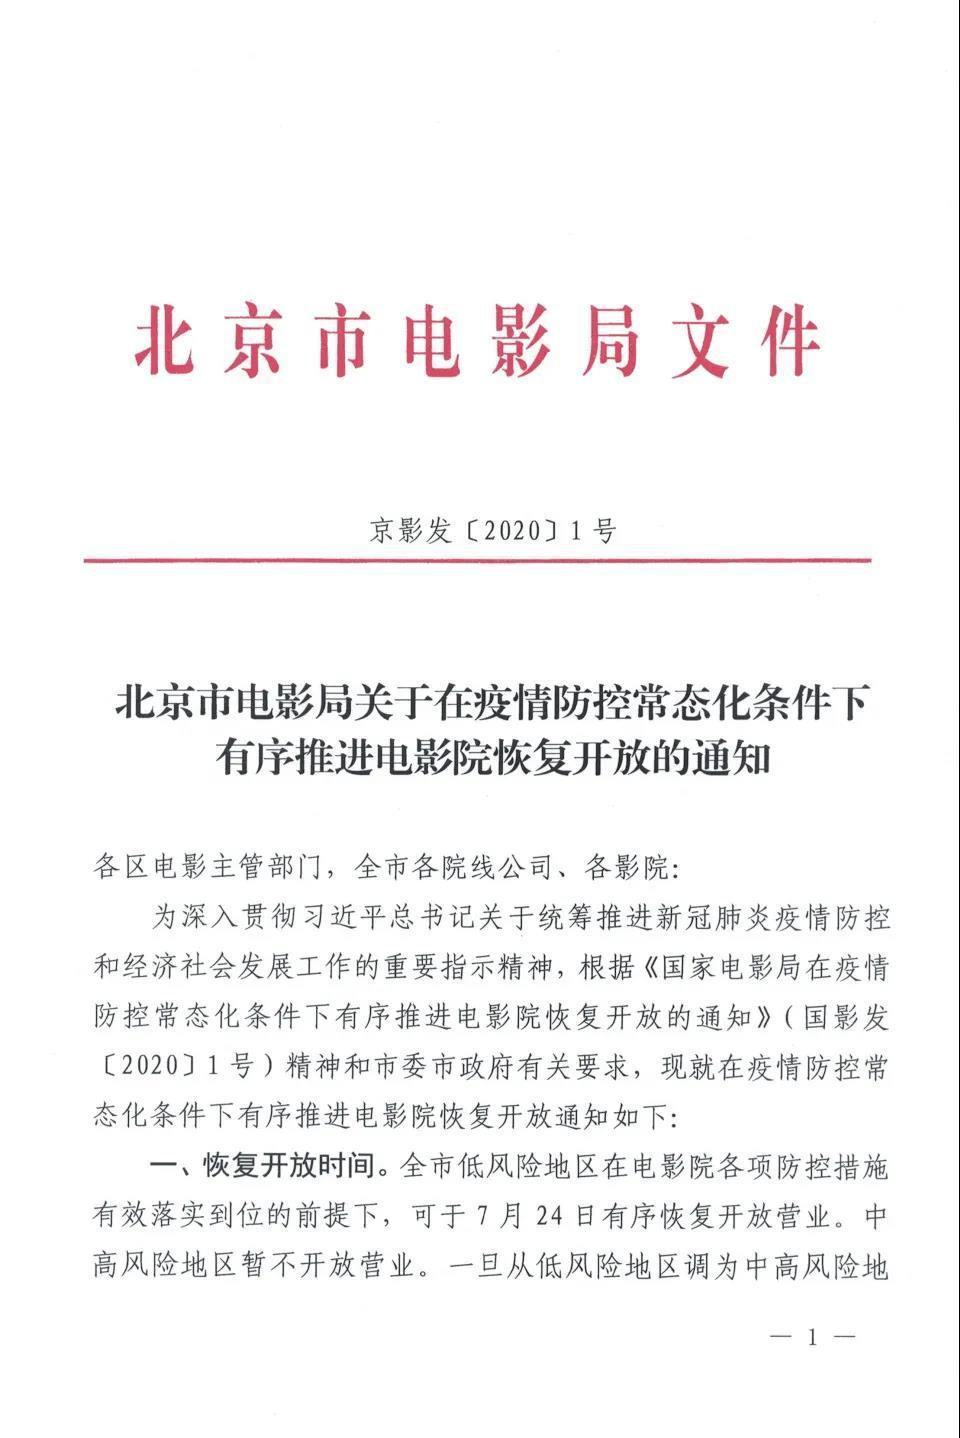 定了!7月24日北京低风险地区影院有序恢复开放营业